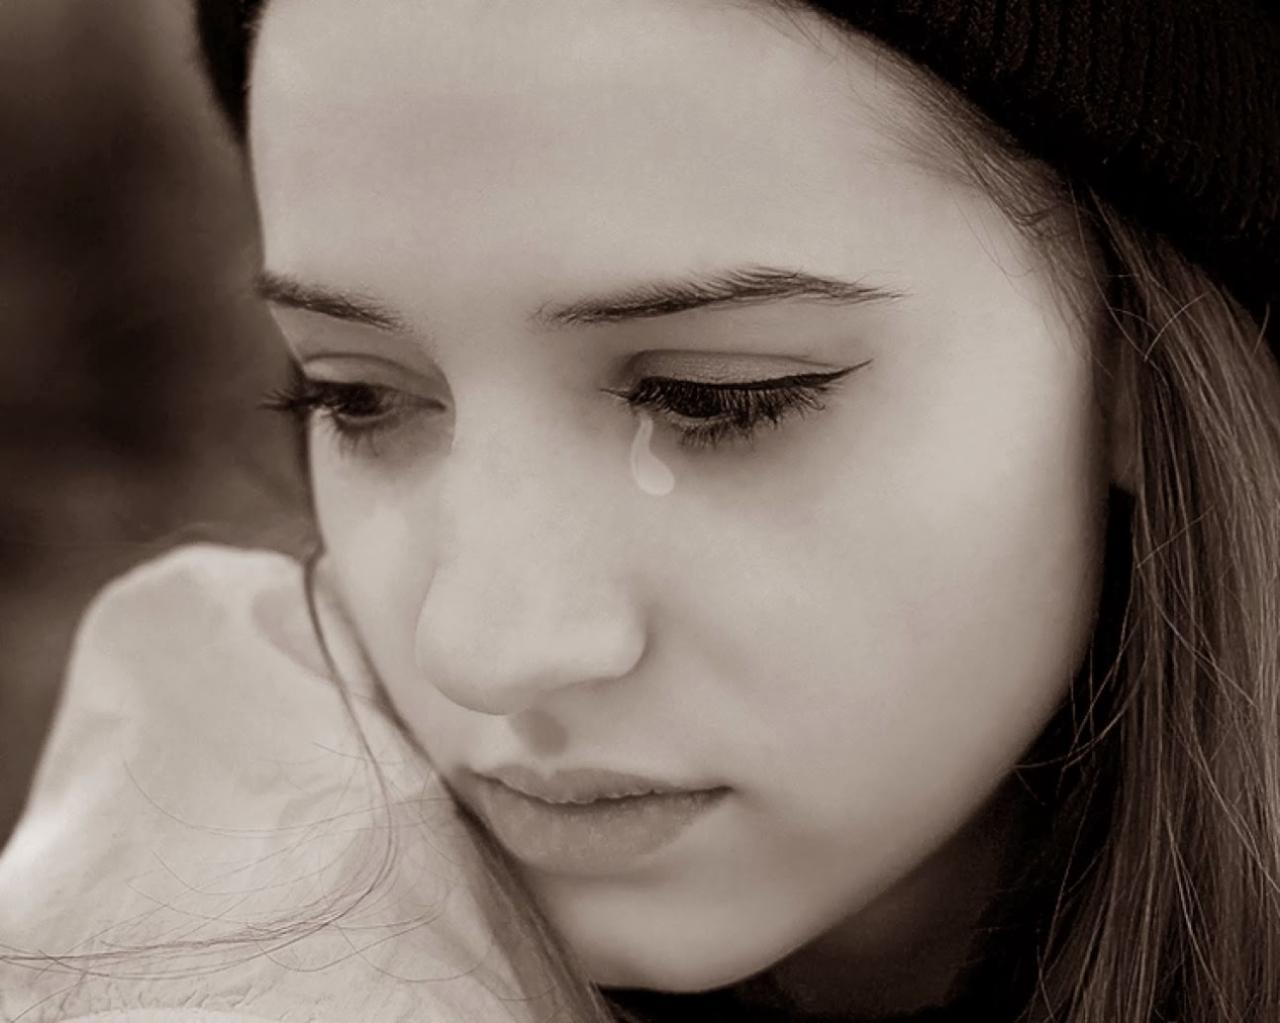 صور صور بنات حزينه جميله , صور لتعبيرات حزينة علي الوجه البنات